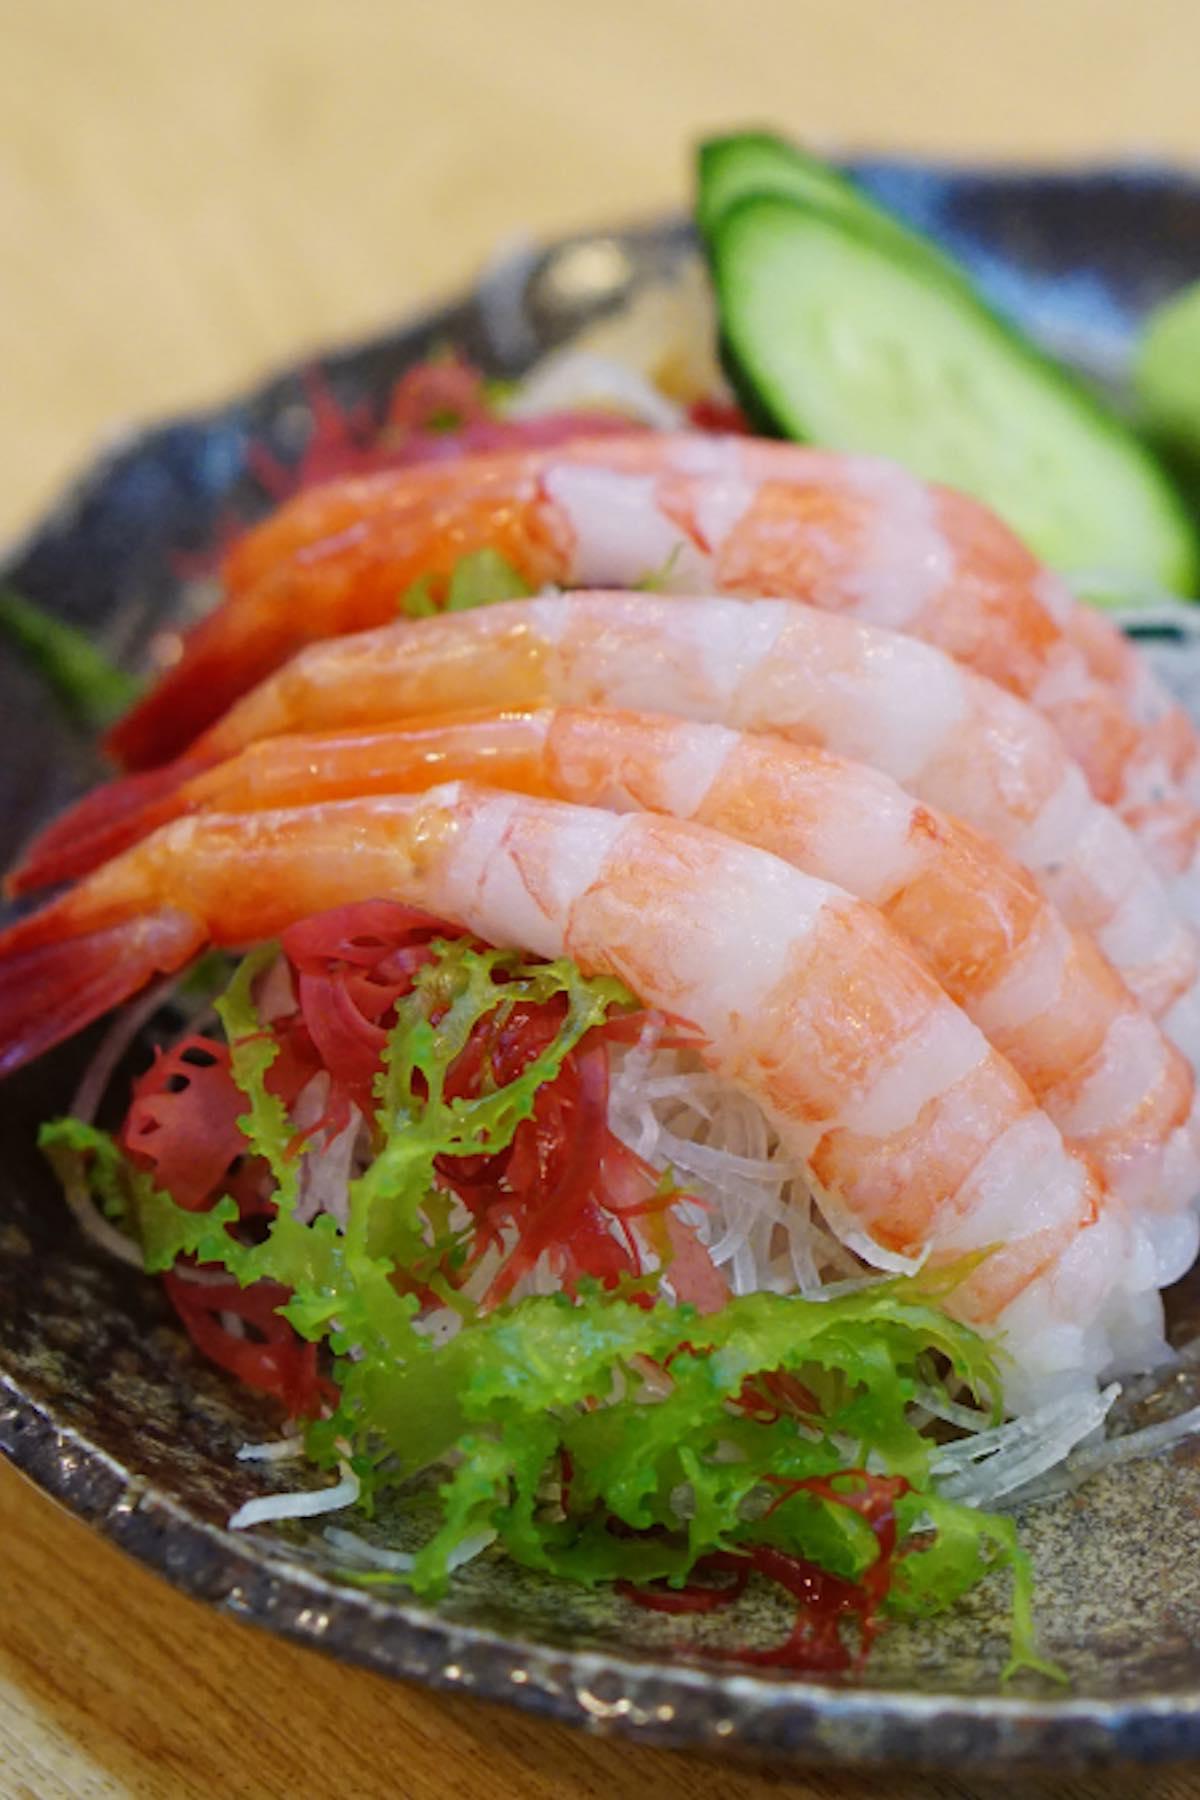 Amaebi means sweet shrimp in Japanese. It's one of the most popular dishes among sushi lovers. Amaebi is often served raw as amaebi sashimi, amaebi sushi, or amaebi nigiri. Alternatively, you can make shrimp tempura, grill it. In this post you'll learn everything about ama ebi (ebi shrimp), and how to make sweet shrimp sashimi. #amaebi #amaebiSushi #shrimpSashimi#sweetShrimp